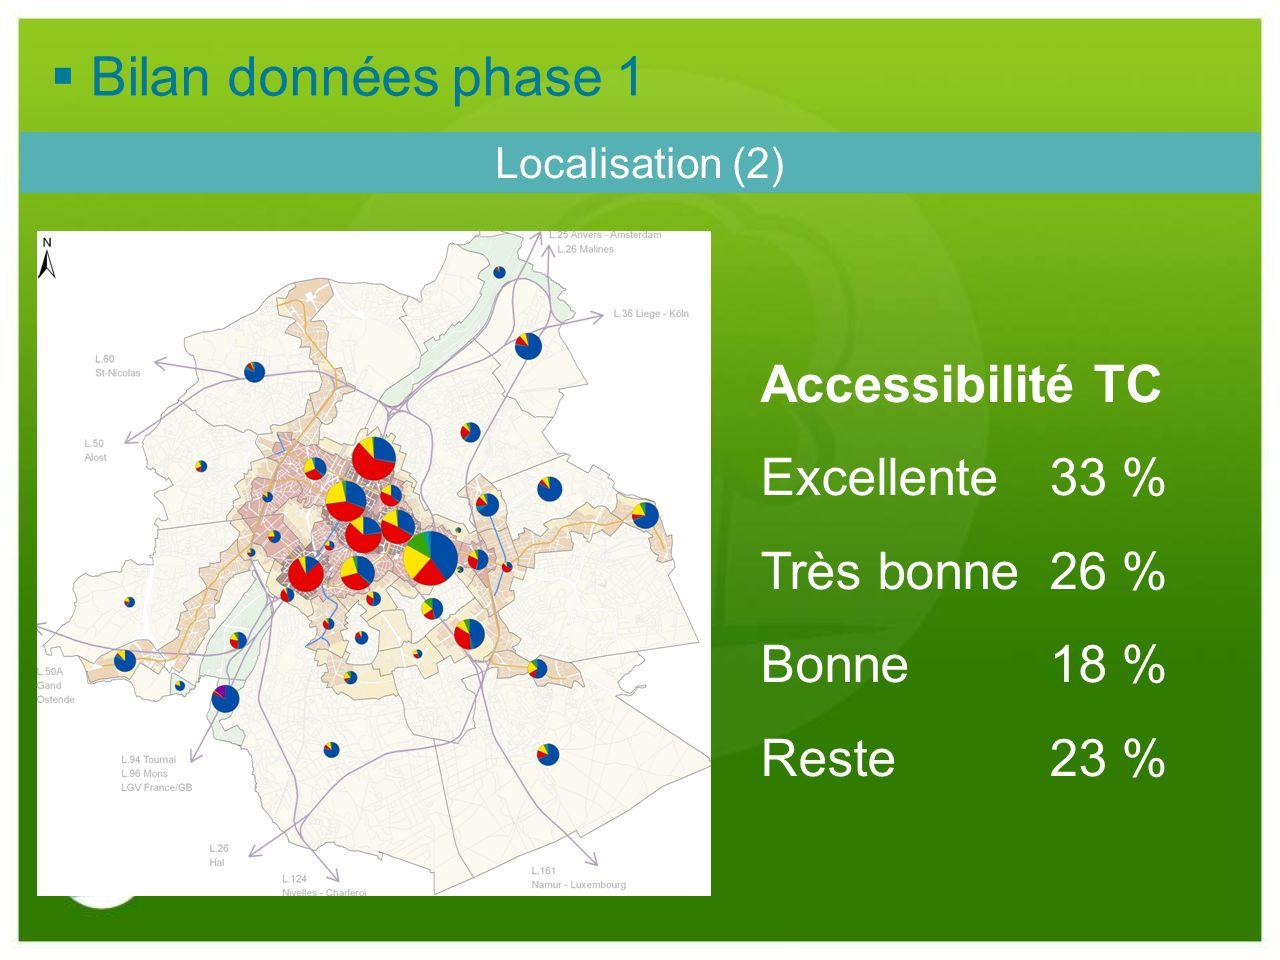 Localisation (2) Accessibilité TC Excellente33 % Très bonne26 % Bonne18 % Reste23 % Bilan données phase 1